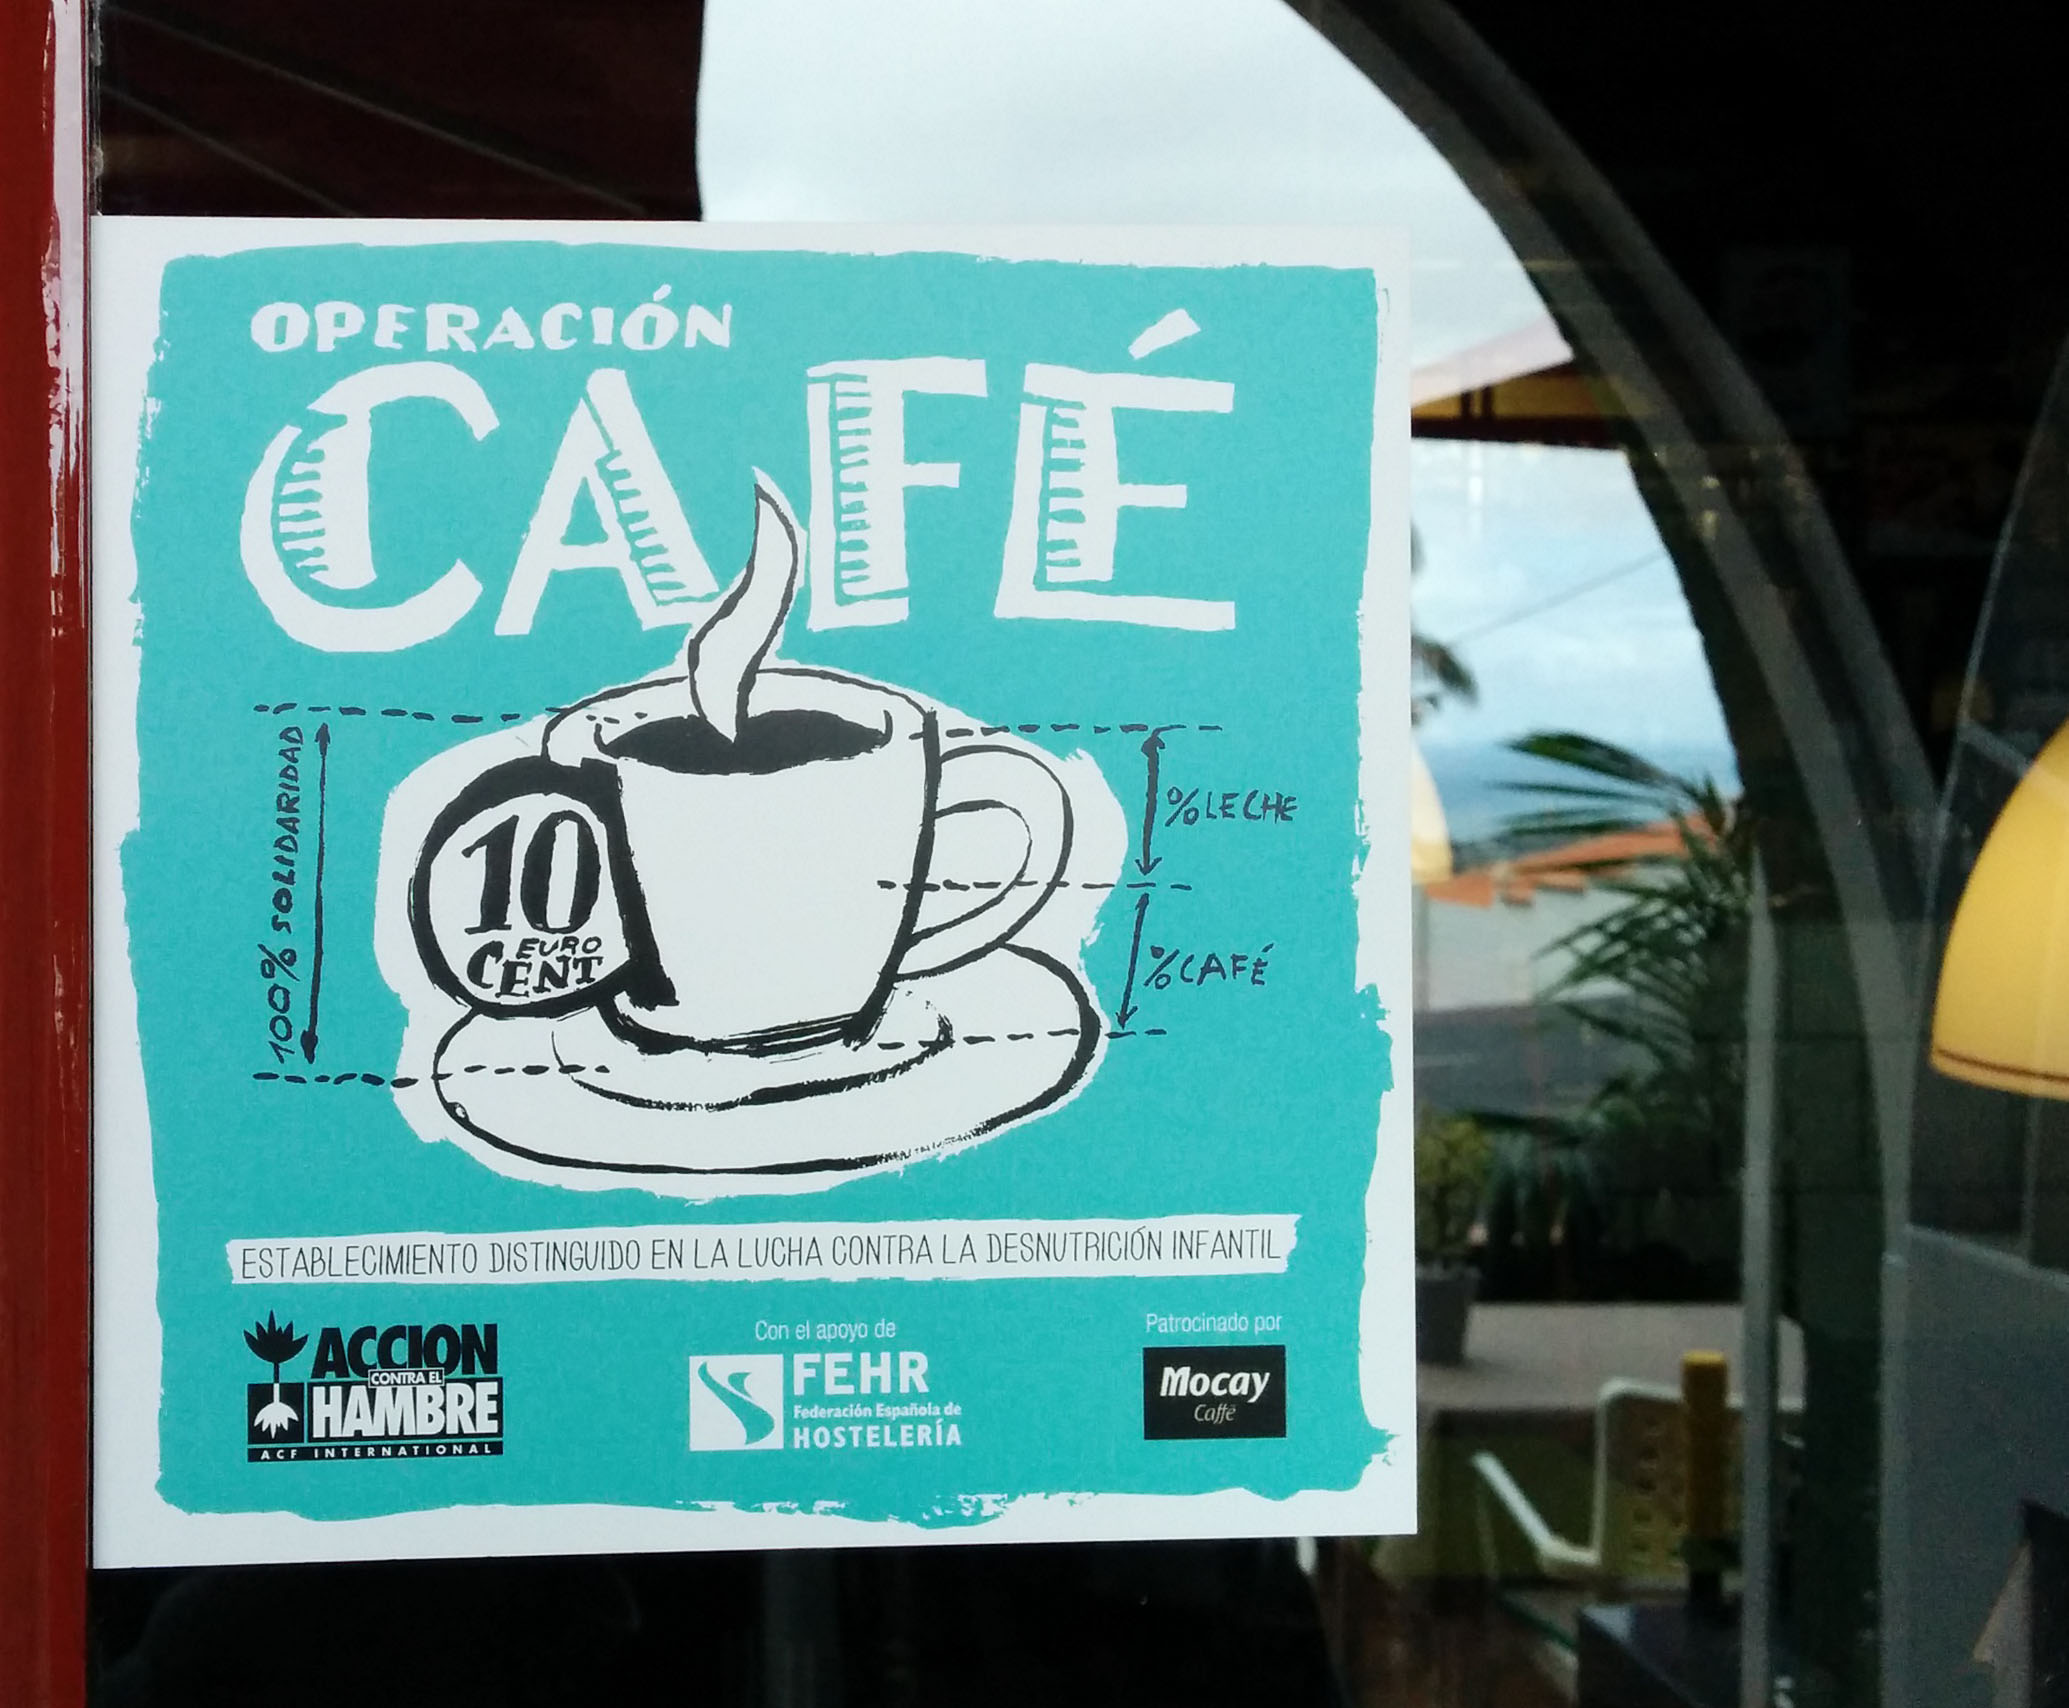 Sansofé operación café